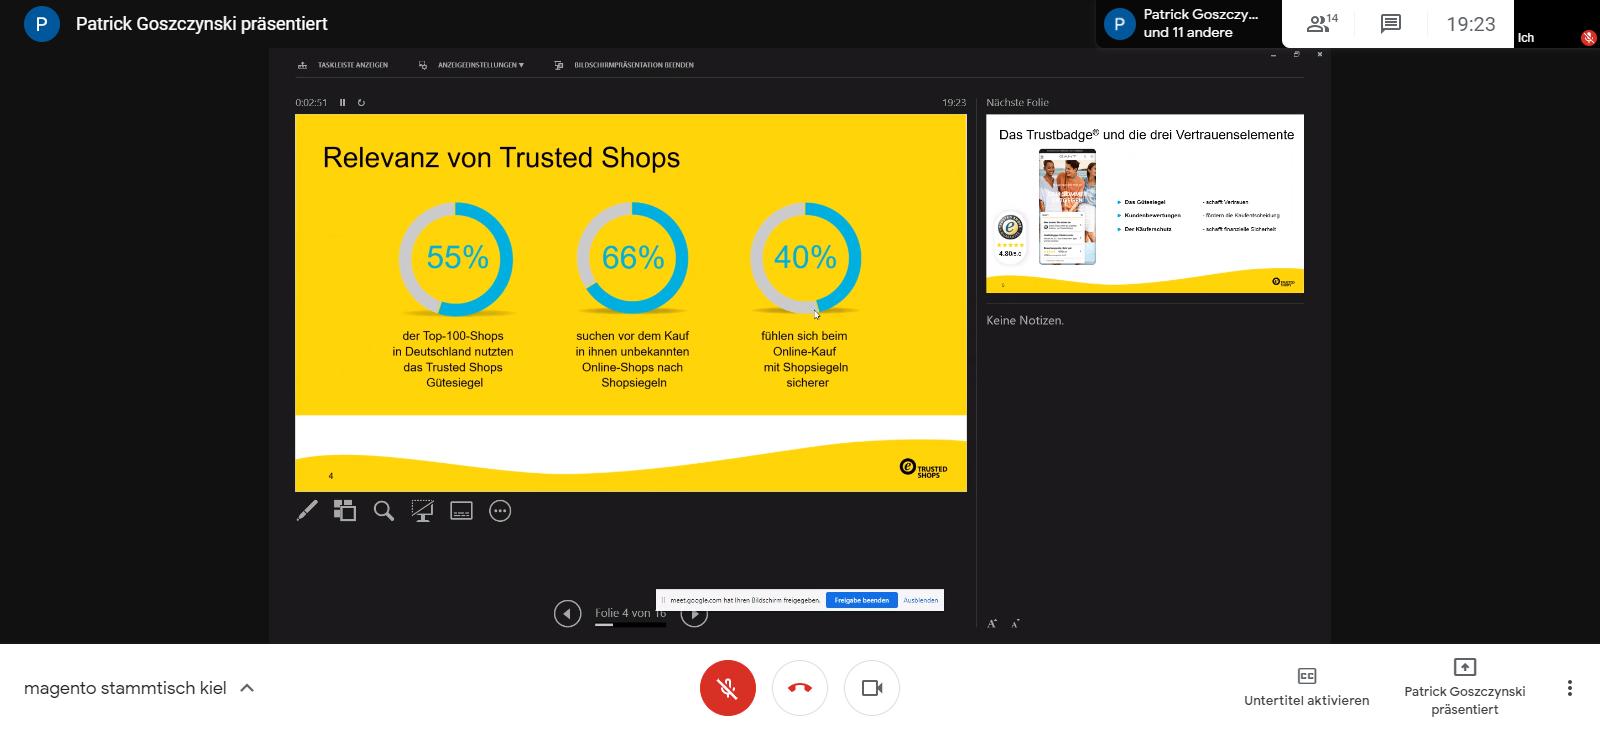 """Vortrag """"Trusted Shops – Die Vertrauensmarke im E‑Commerce"""" von Patrick Goszczynski beim 35. Magento Stammtisch Kiel"""